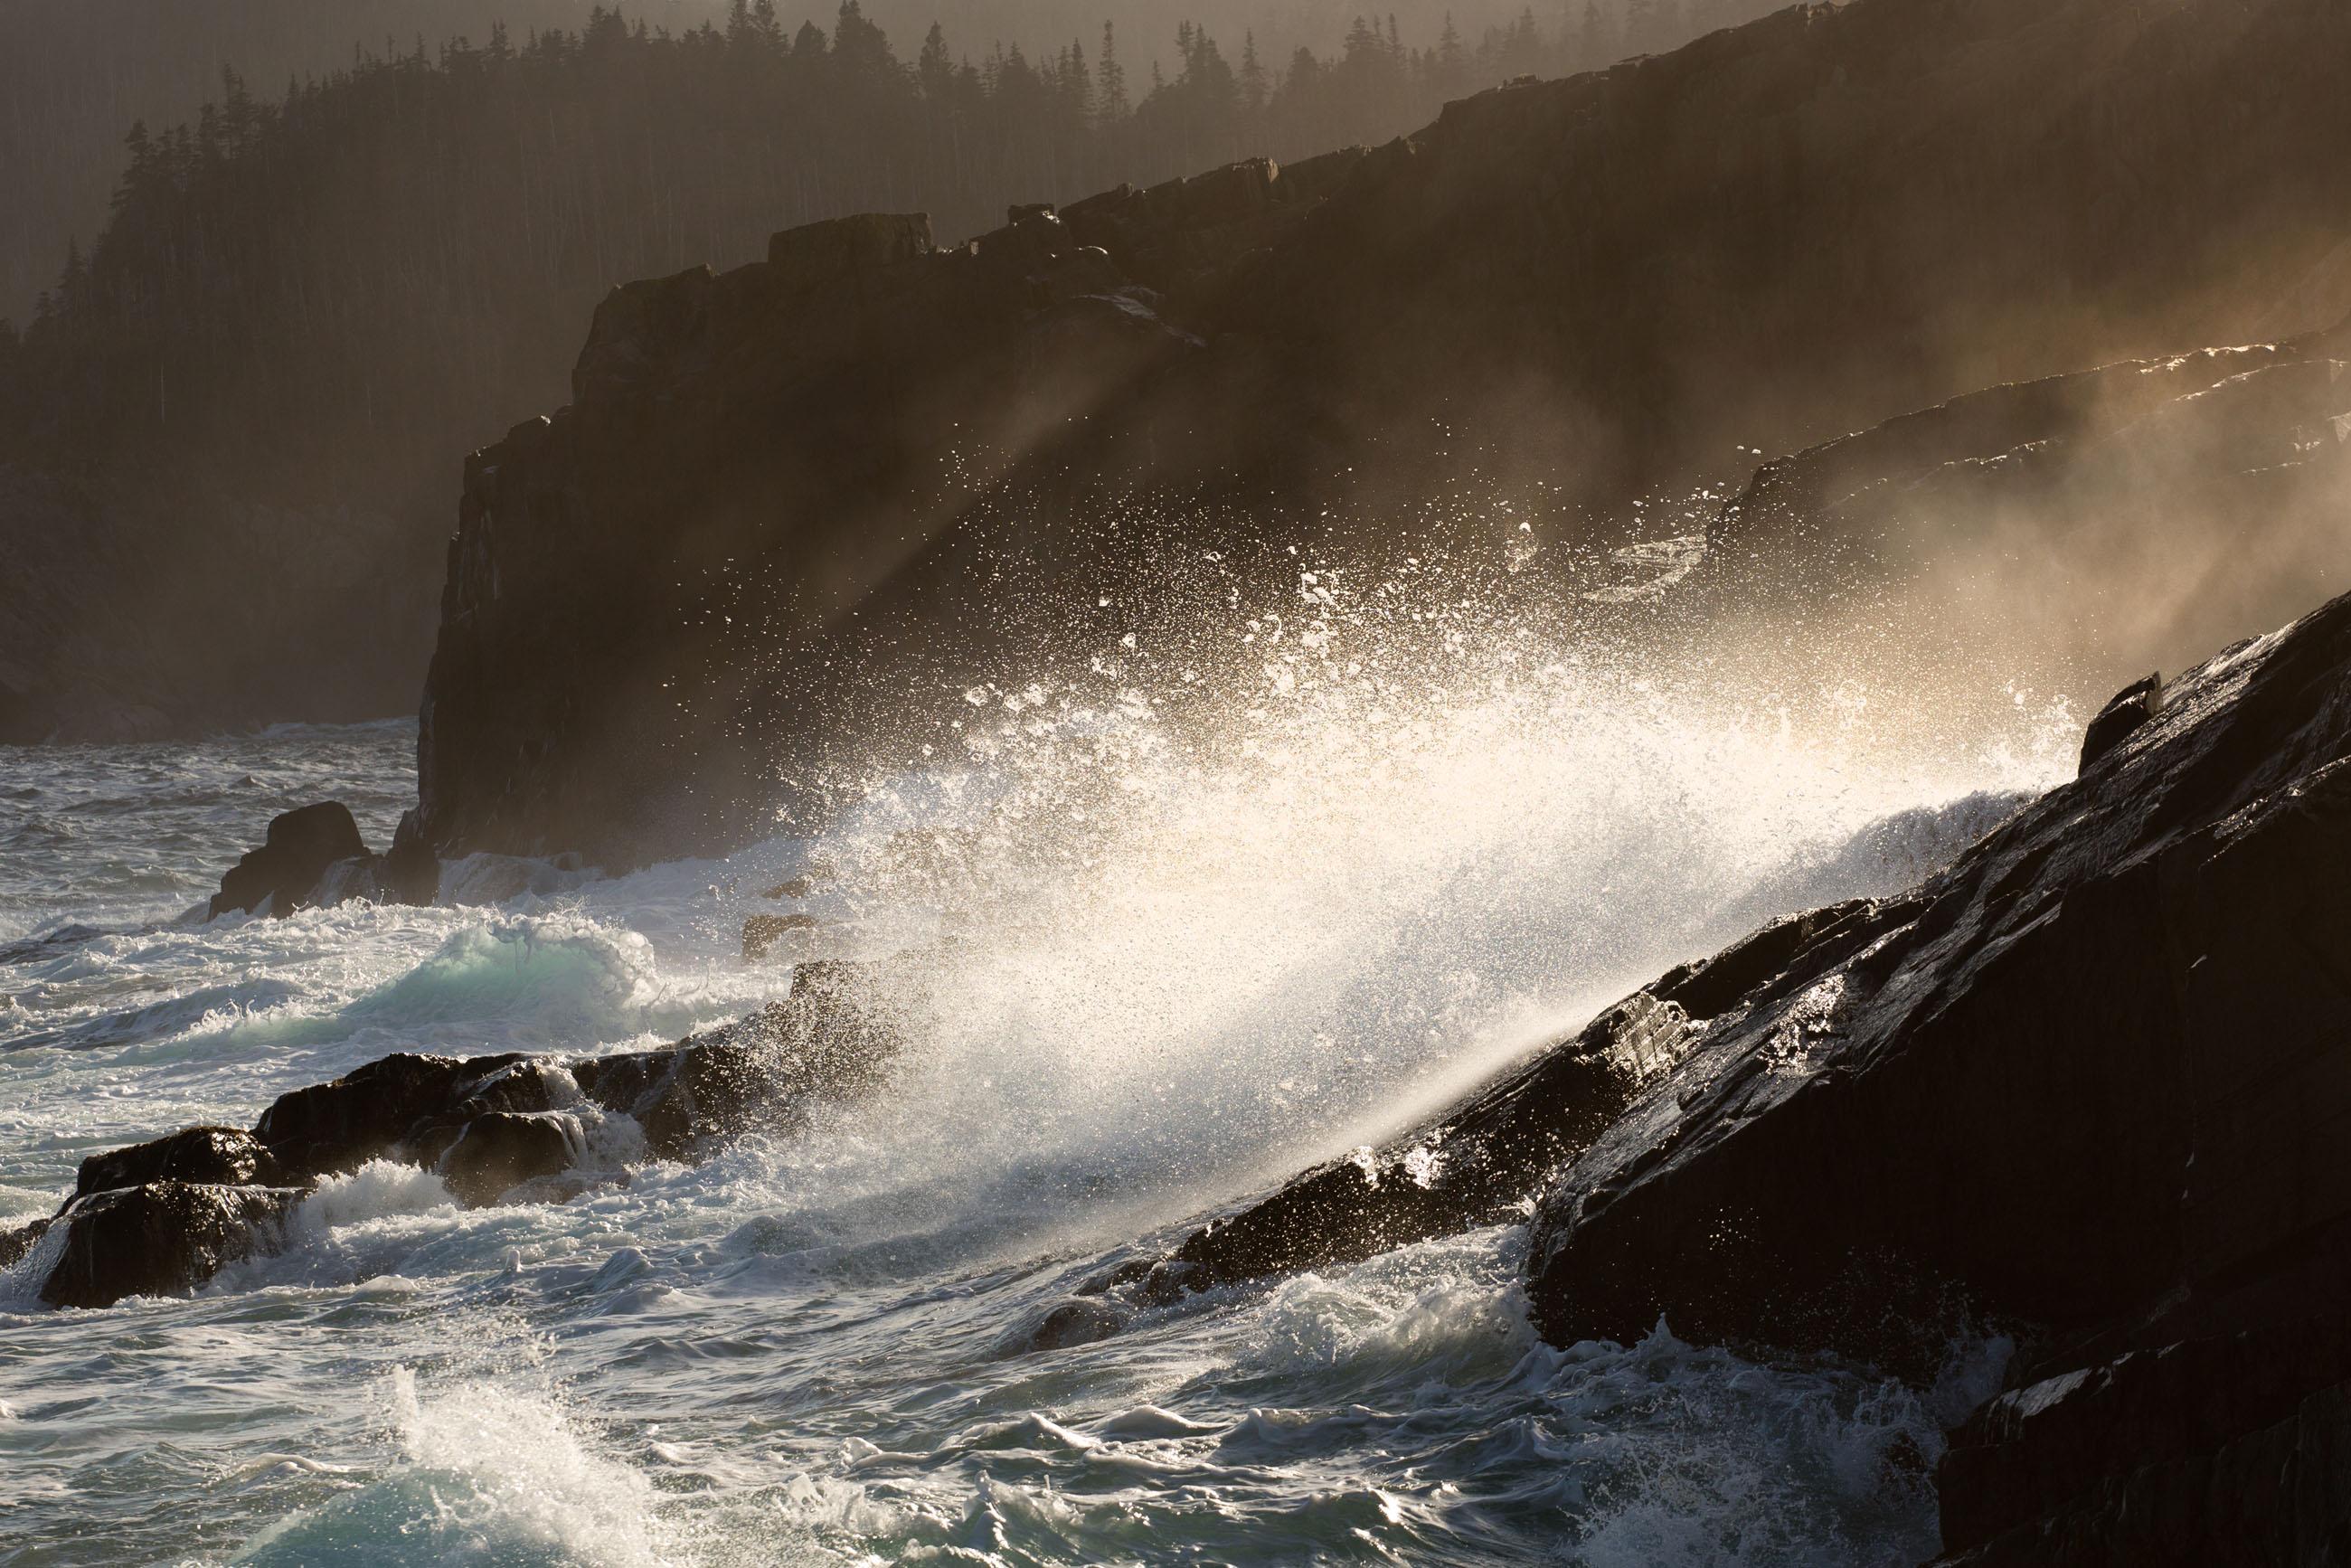 Large waves crashing on shoreline photo